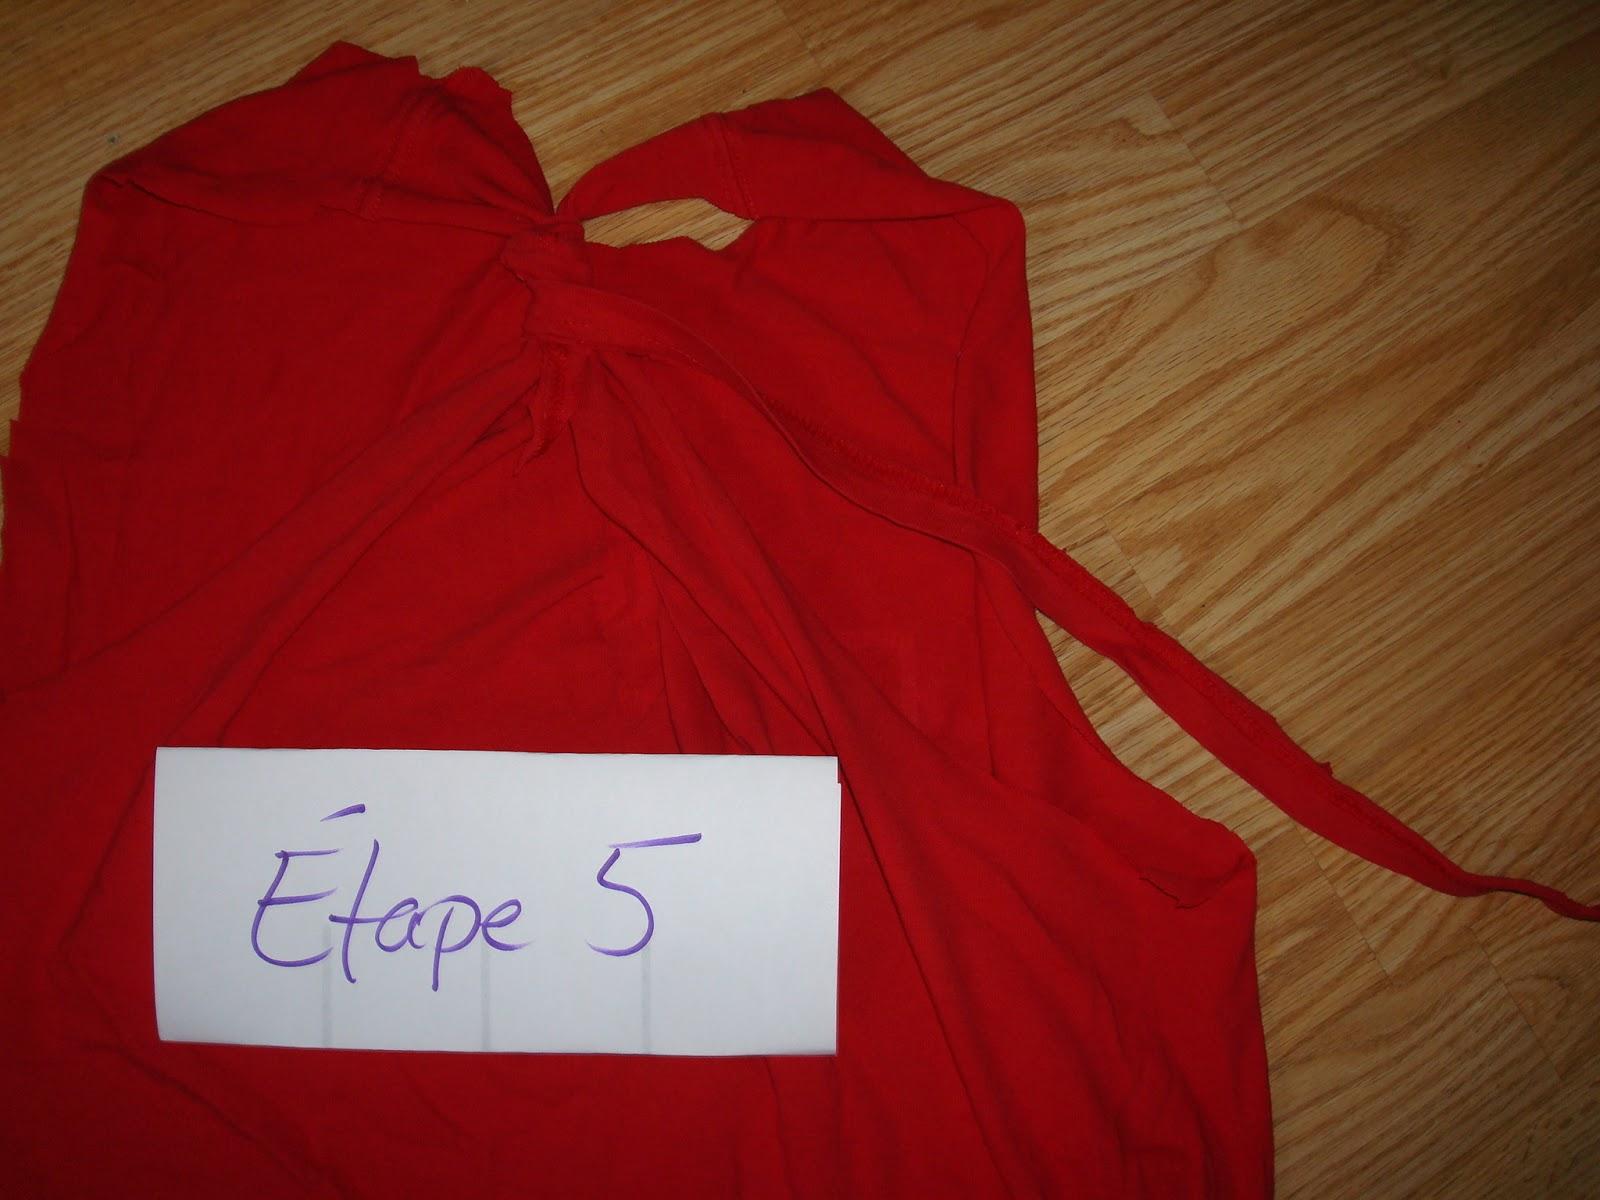 Pinteressaie transformer un t shirt en camisole d - Plier un t shirt ...